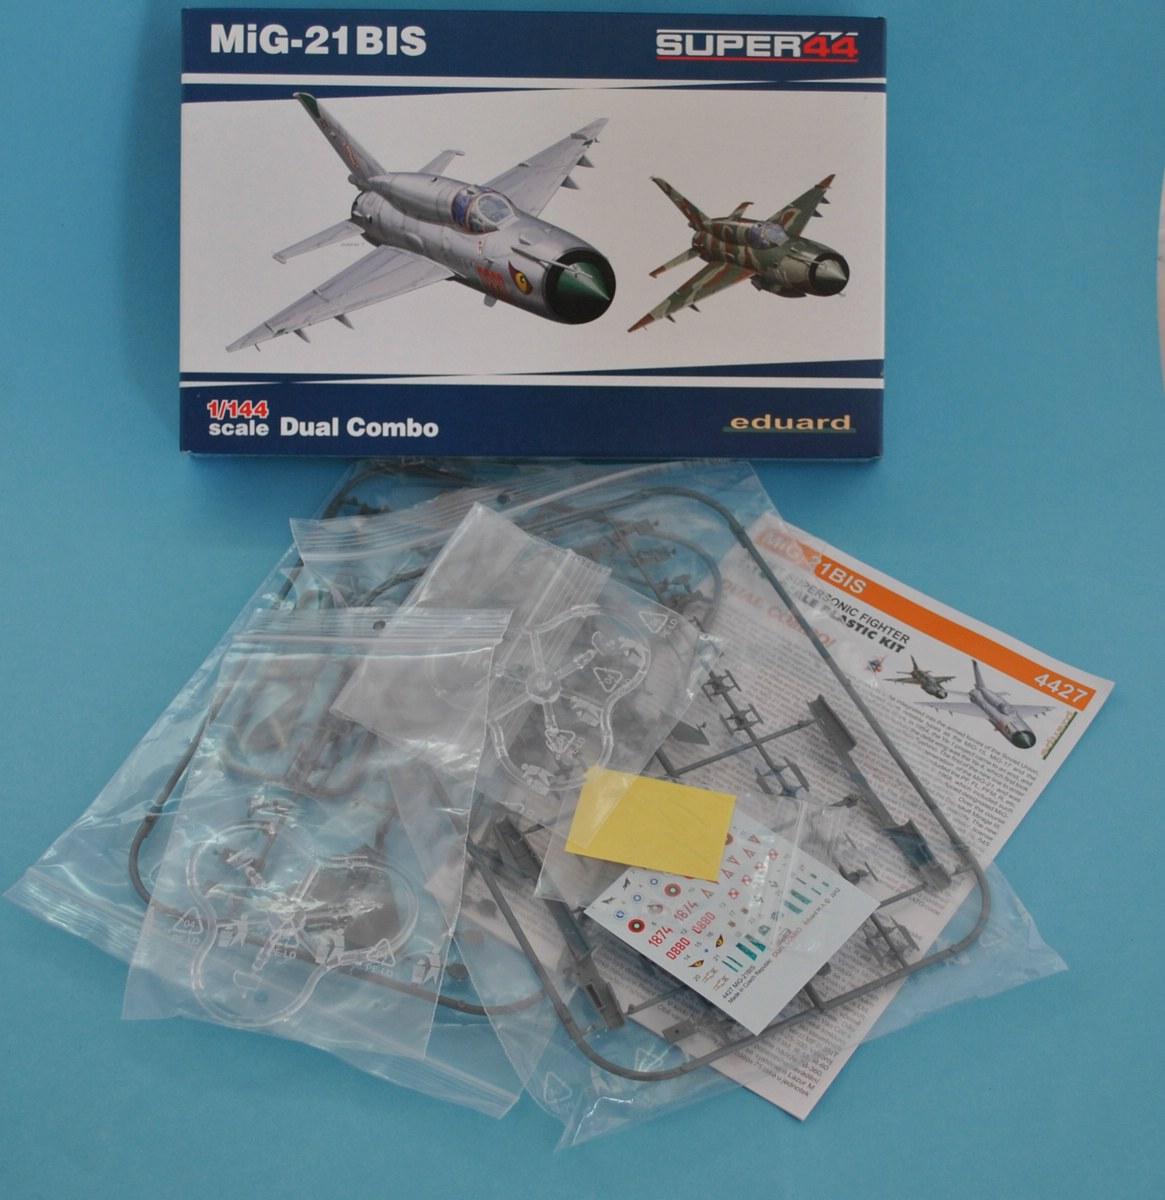 Eduard-4427-MiG-21bis-1zu144-4 Eine MiG-21bis im SmallScale 1:144 von Eduard